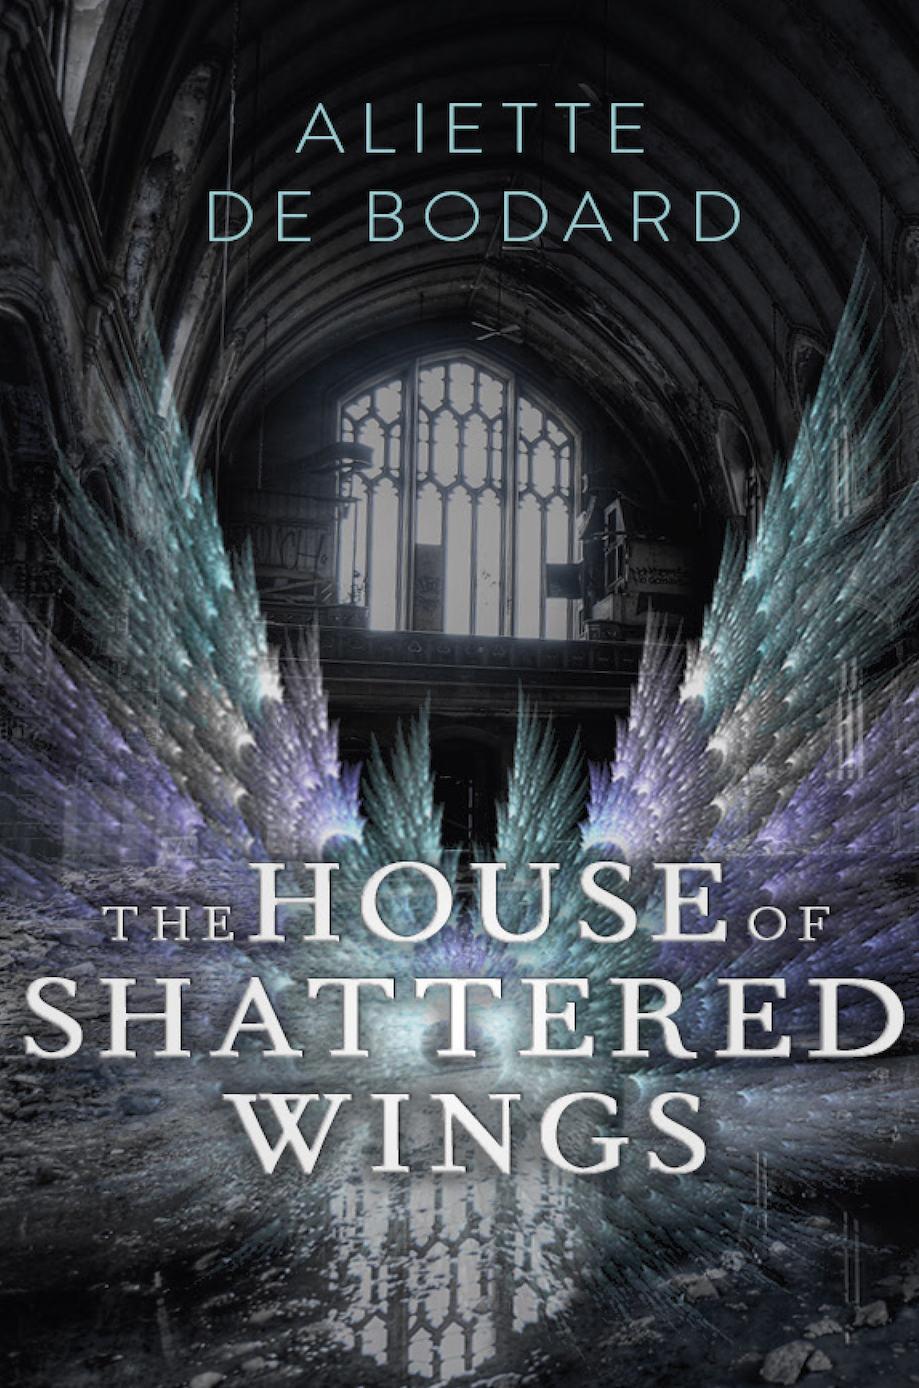 Book 1: The House of Shattered Wings - Aliette de Bodard